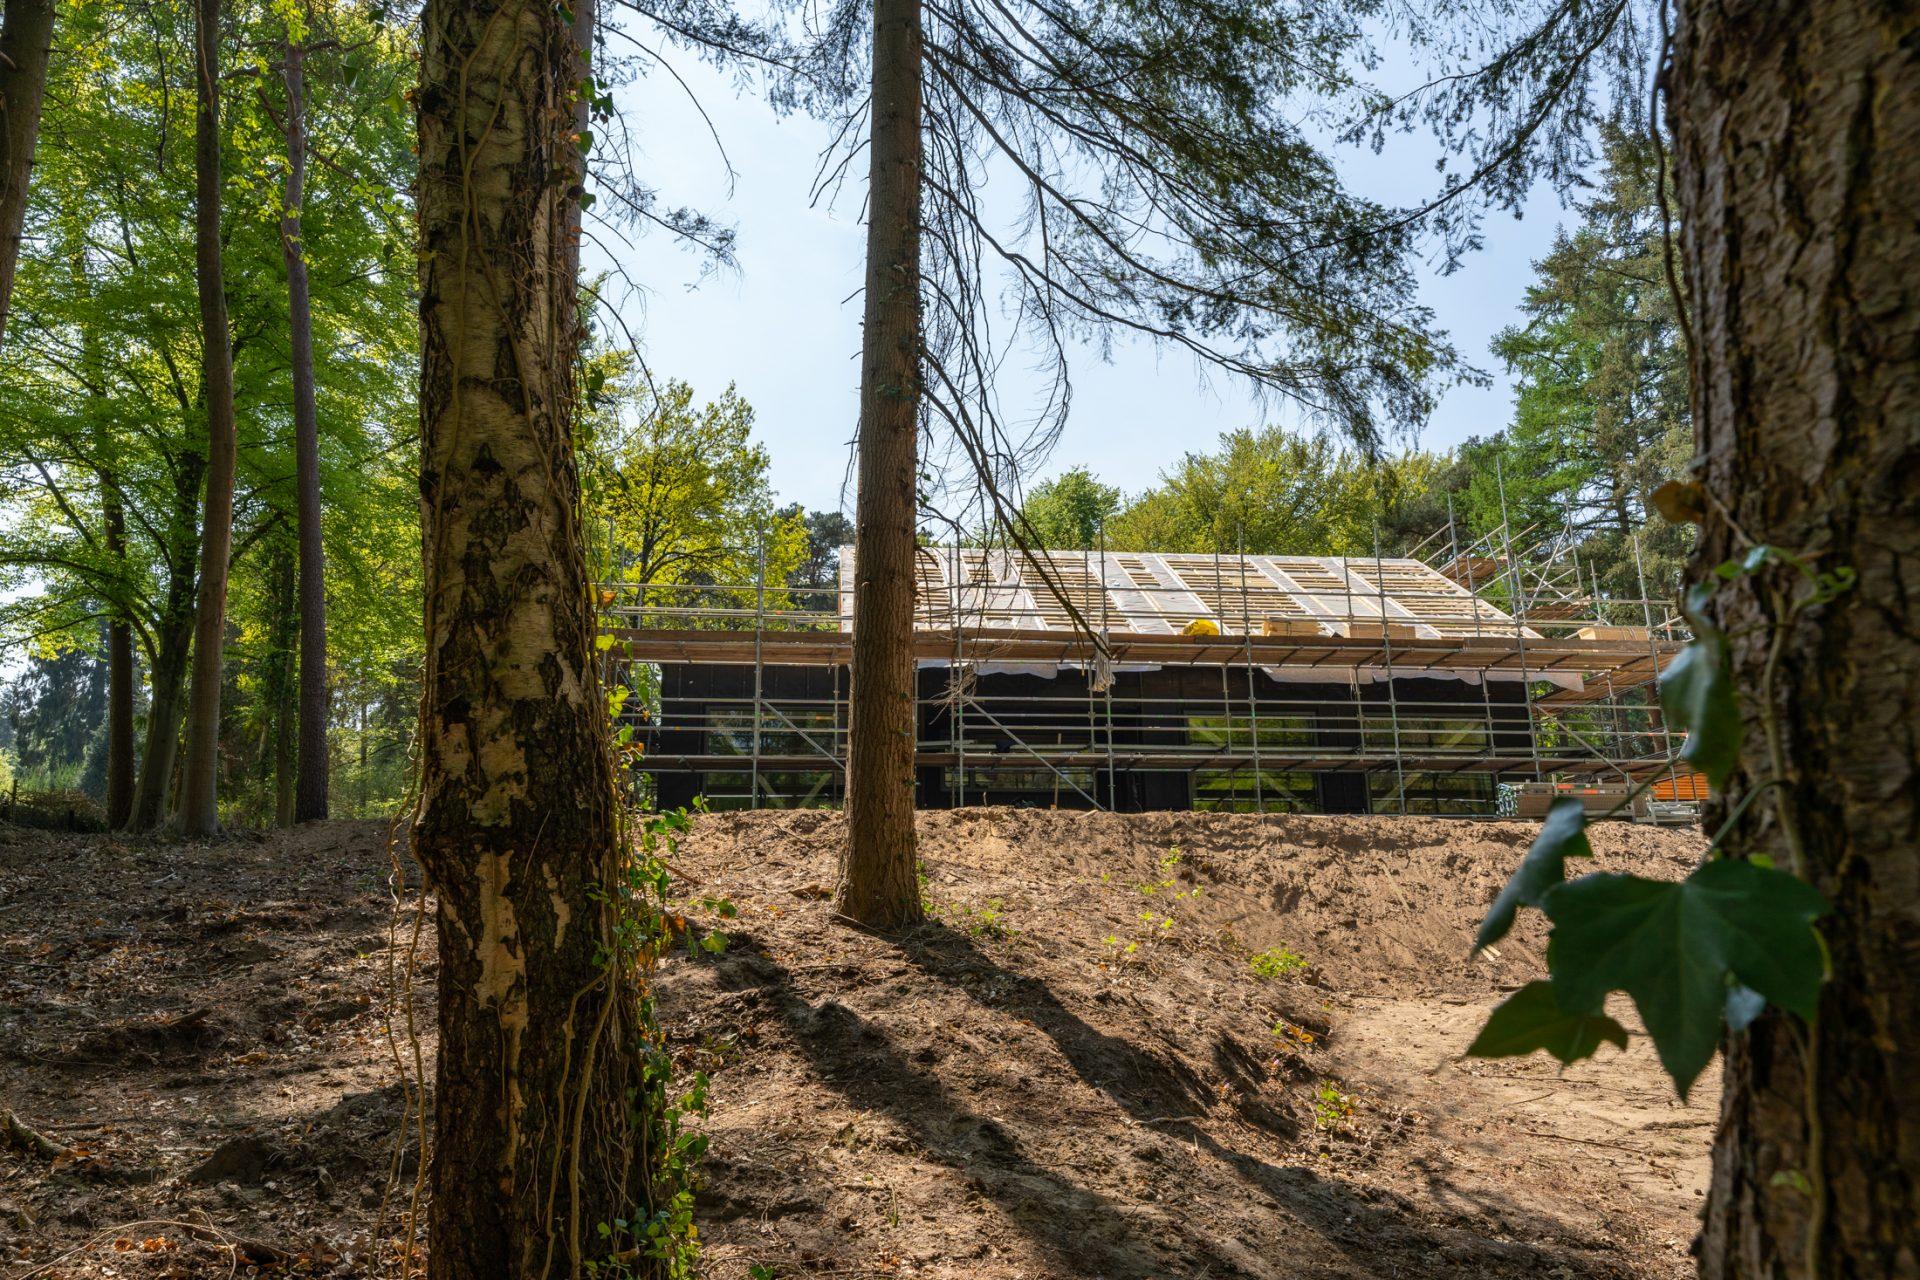 vrijstaand prefab houtskeletbouw Barentsz huis in bosrijke omgeving